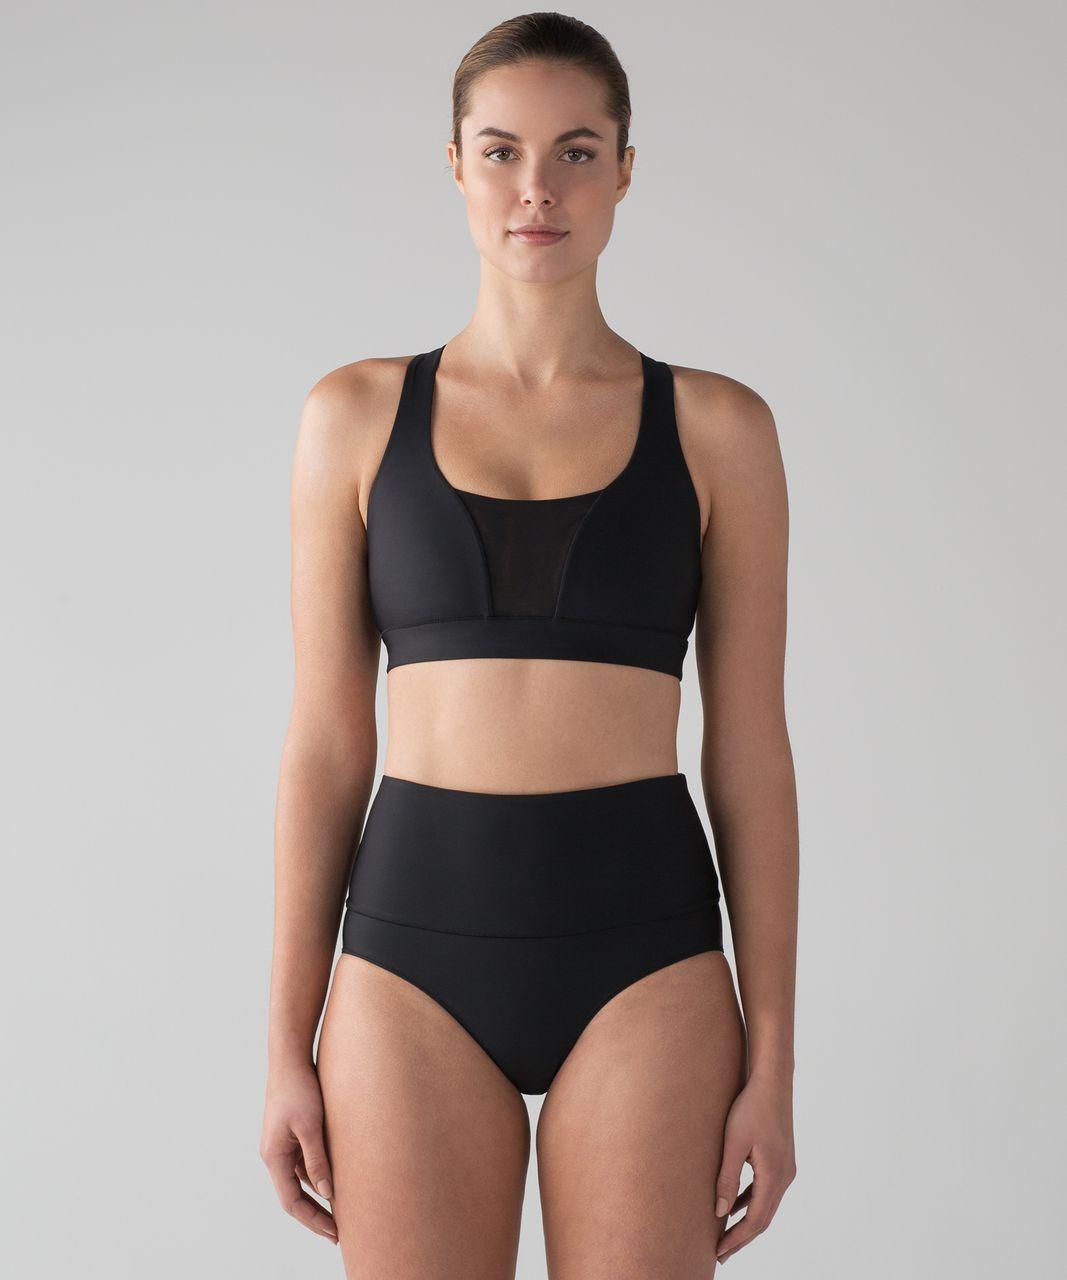 Lululemon Vitalize Swim Bra - Black